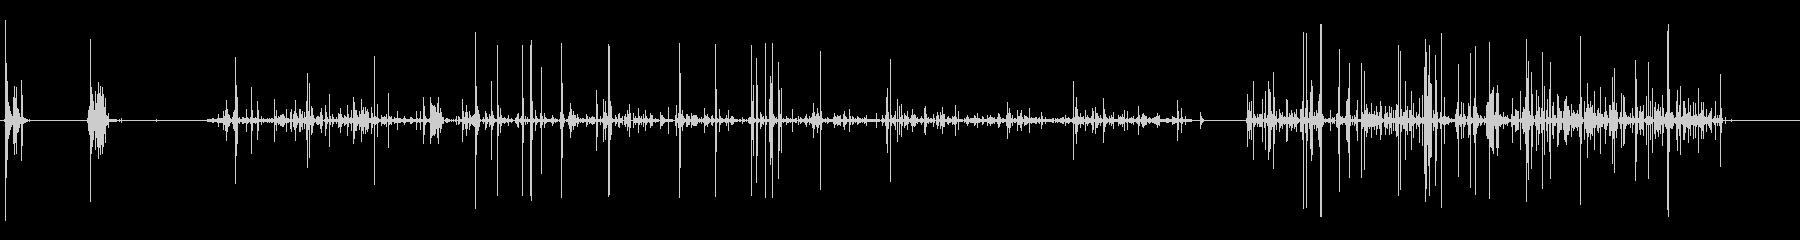 ホラーブラッドスプラッシュの未再生の波形